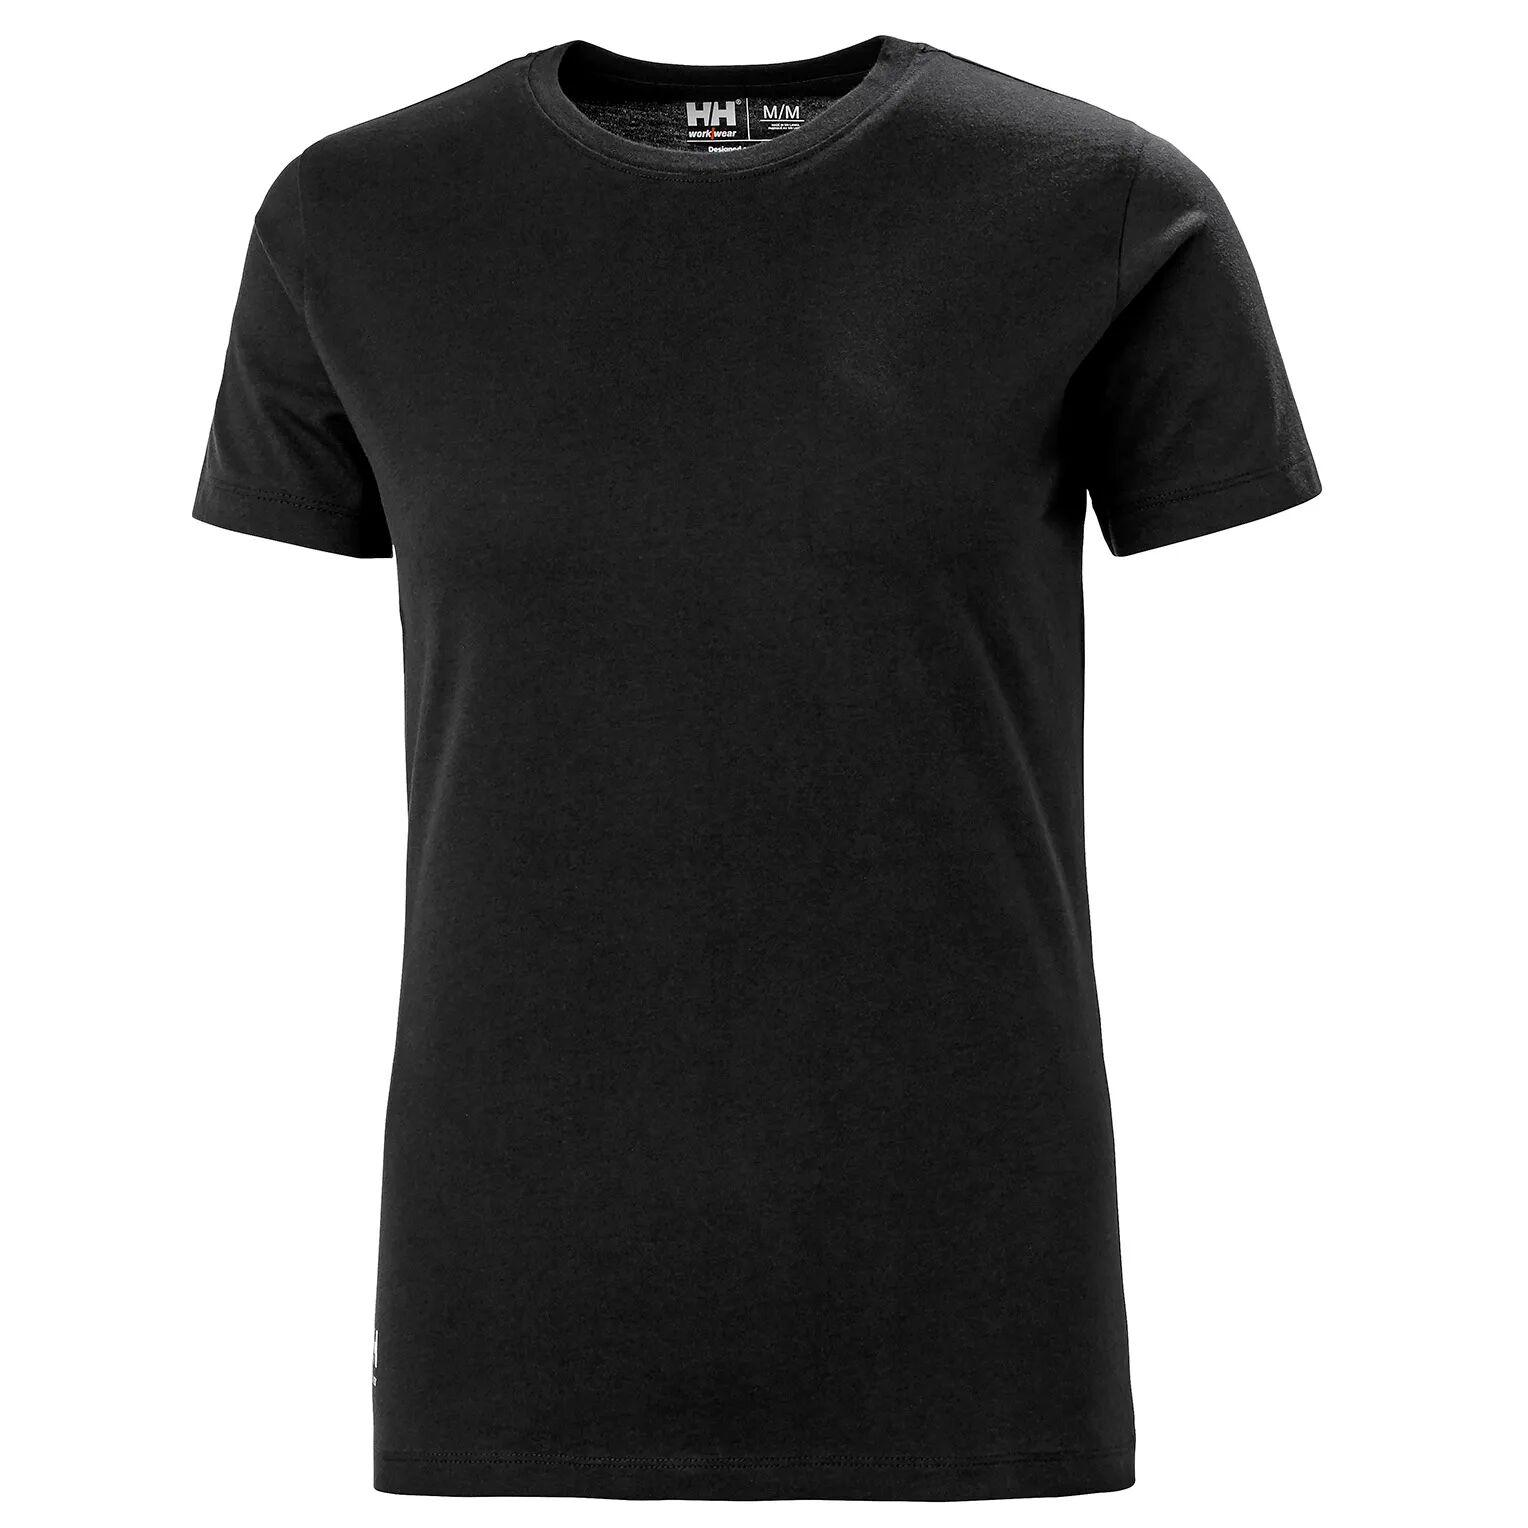 HH Workwear Helly Hansen WorkwearWomen's Manchester Cotton T-Shirt Black XS